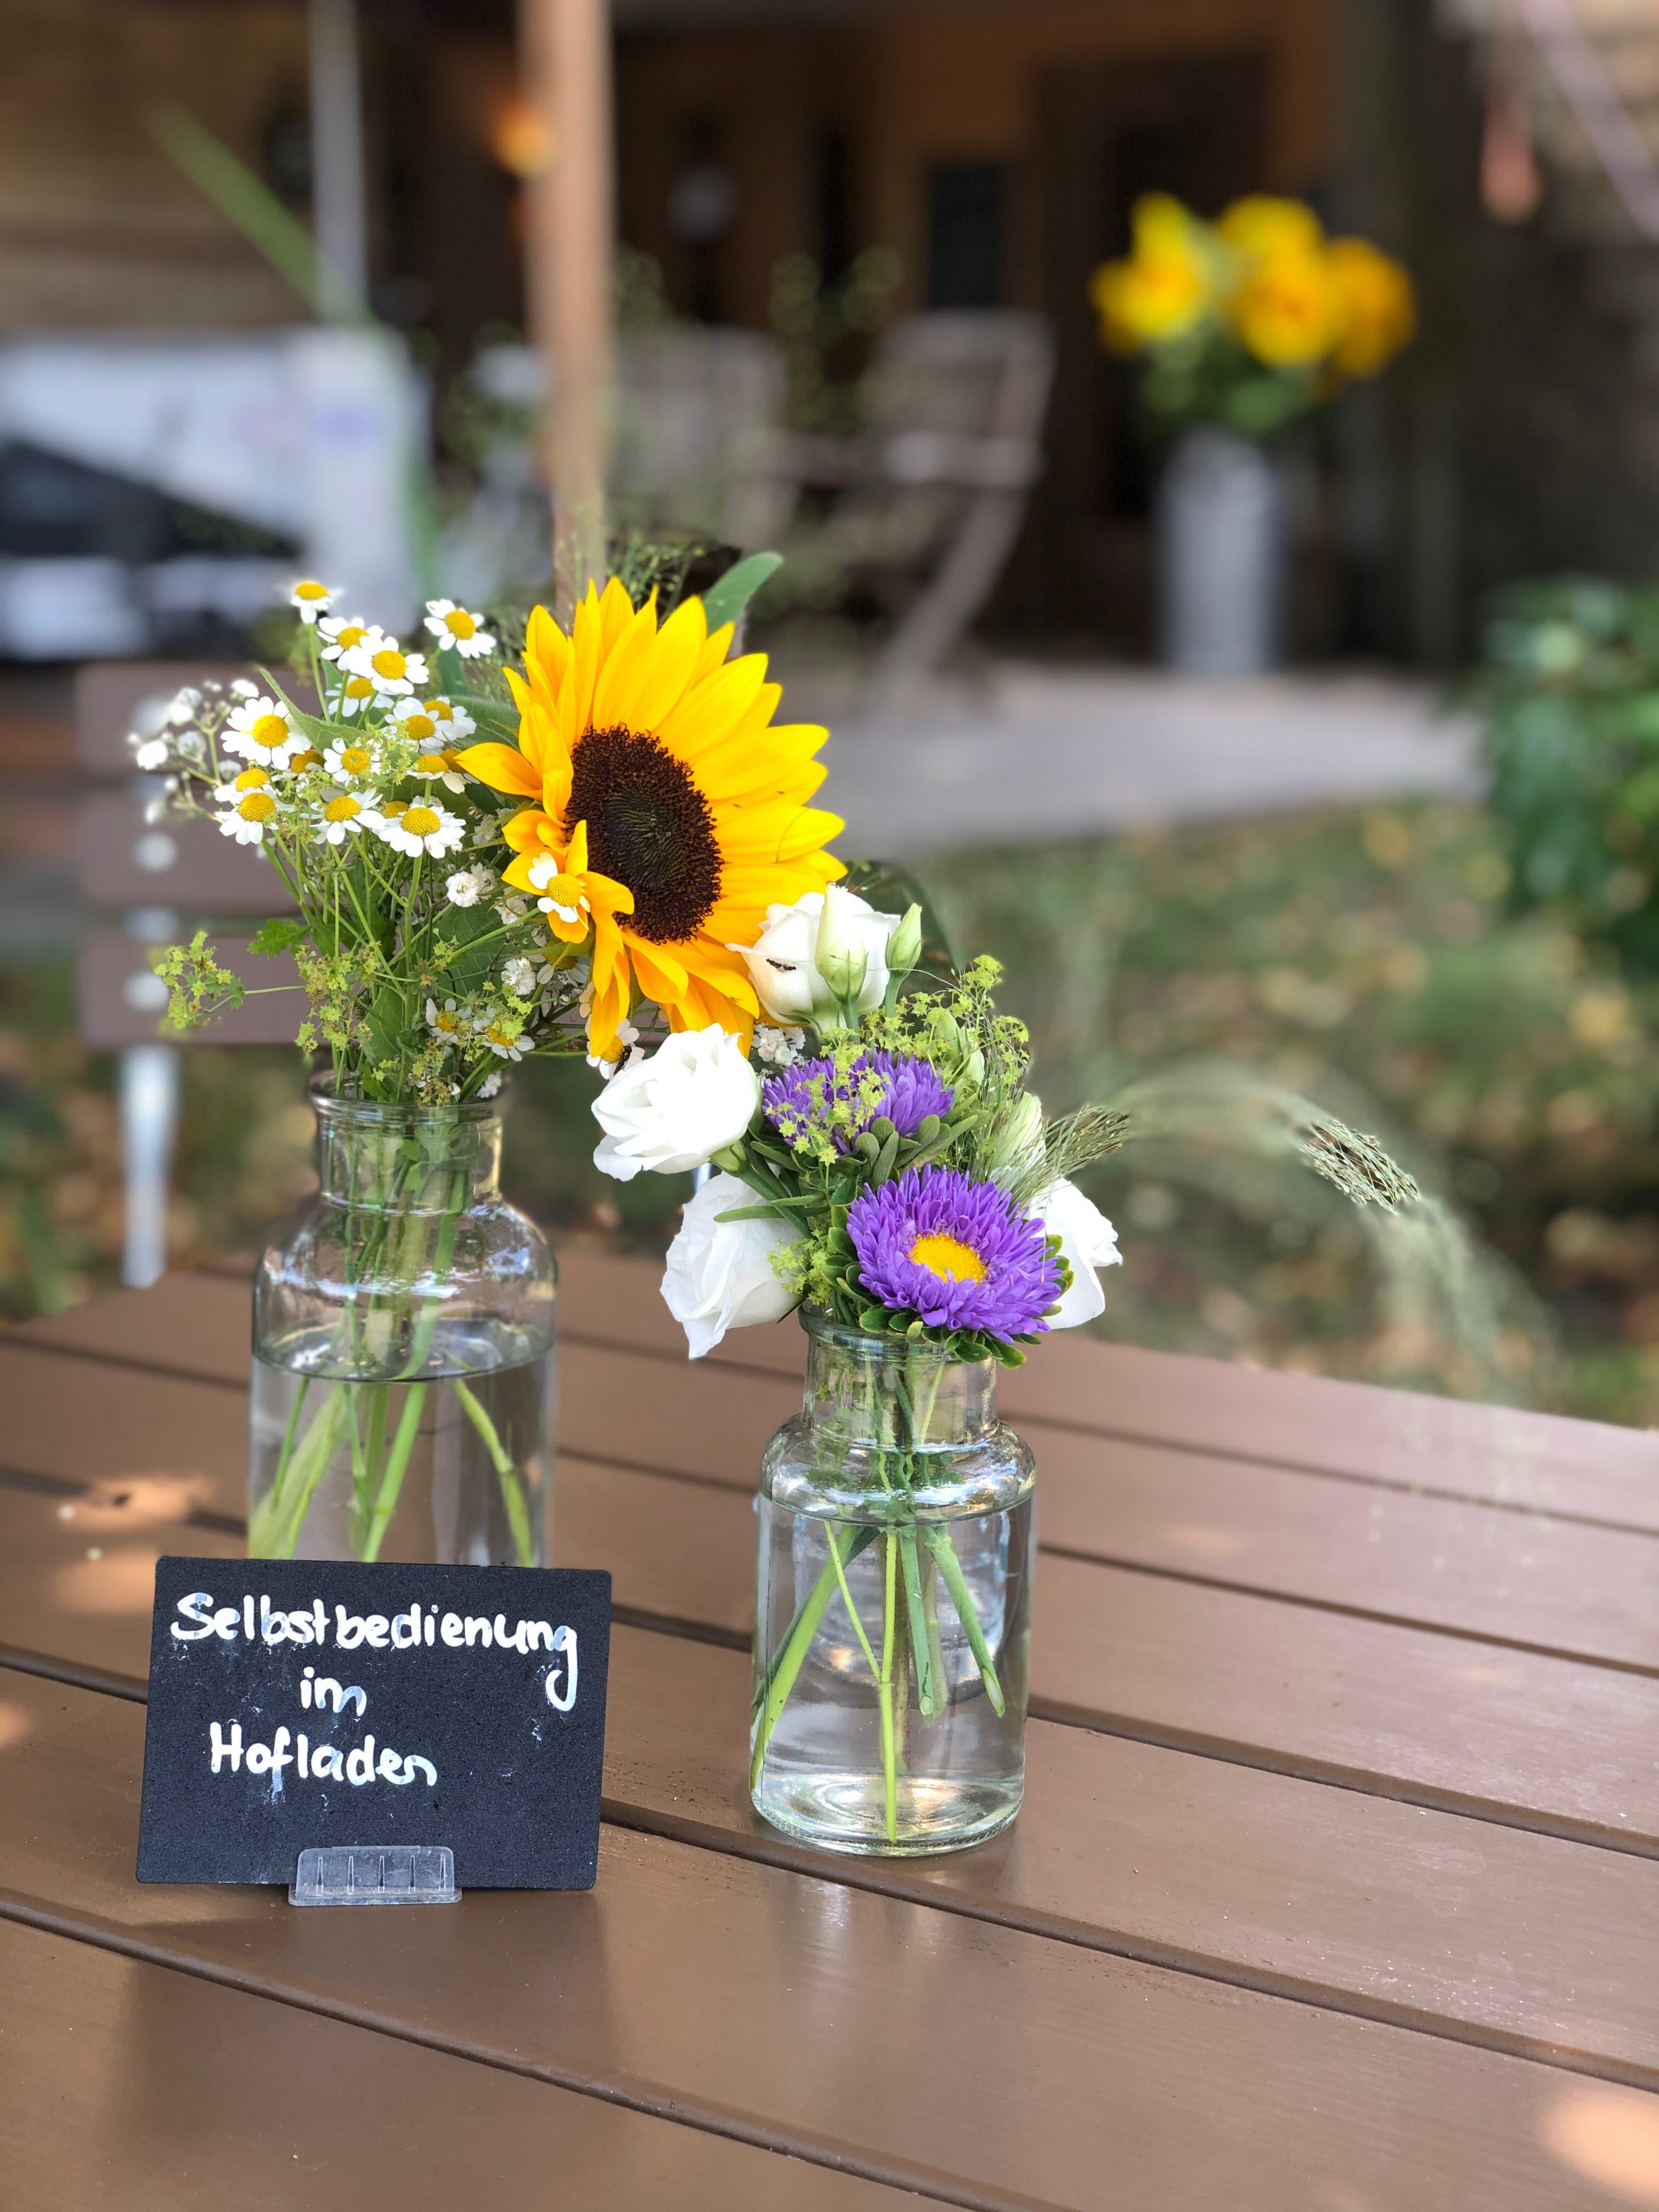 Im Hagschnurer Hofladencafé können sich die Gäste selber verköstigen.